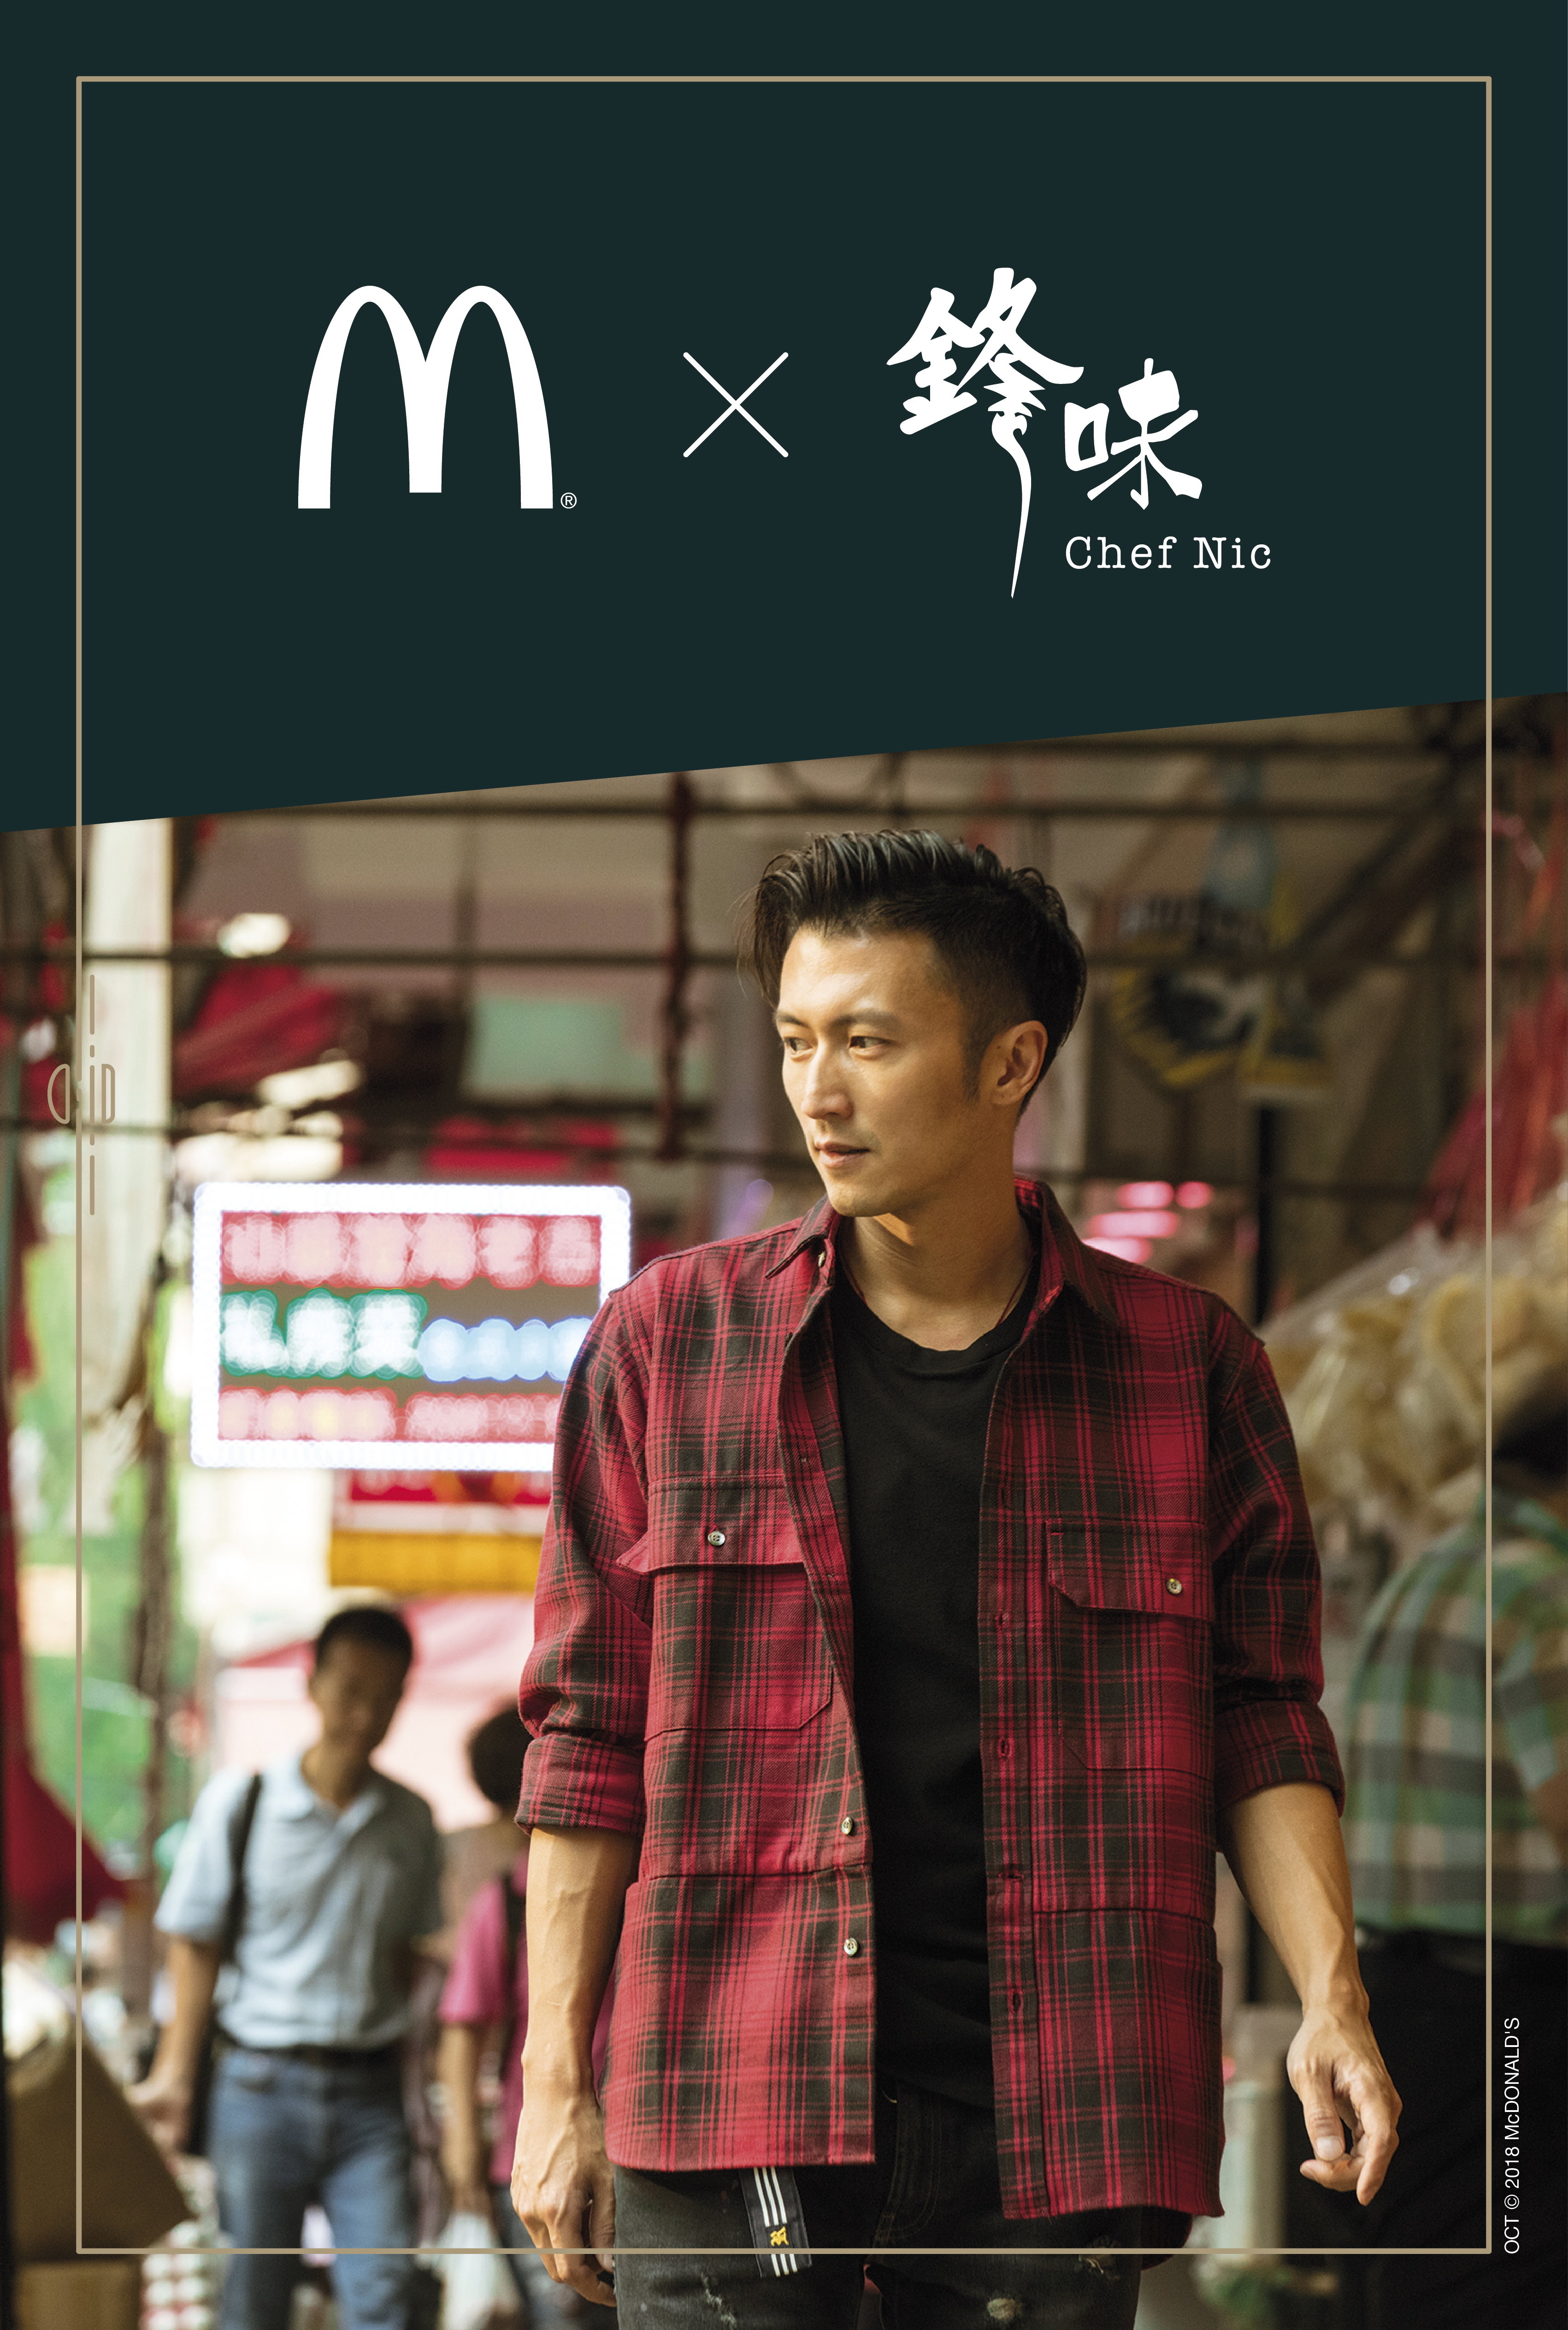 2019_hk_2019_e-73-211_hero_1